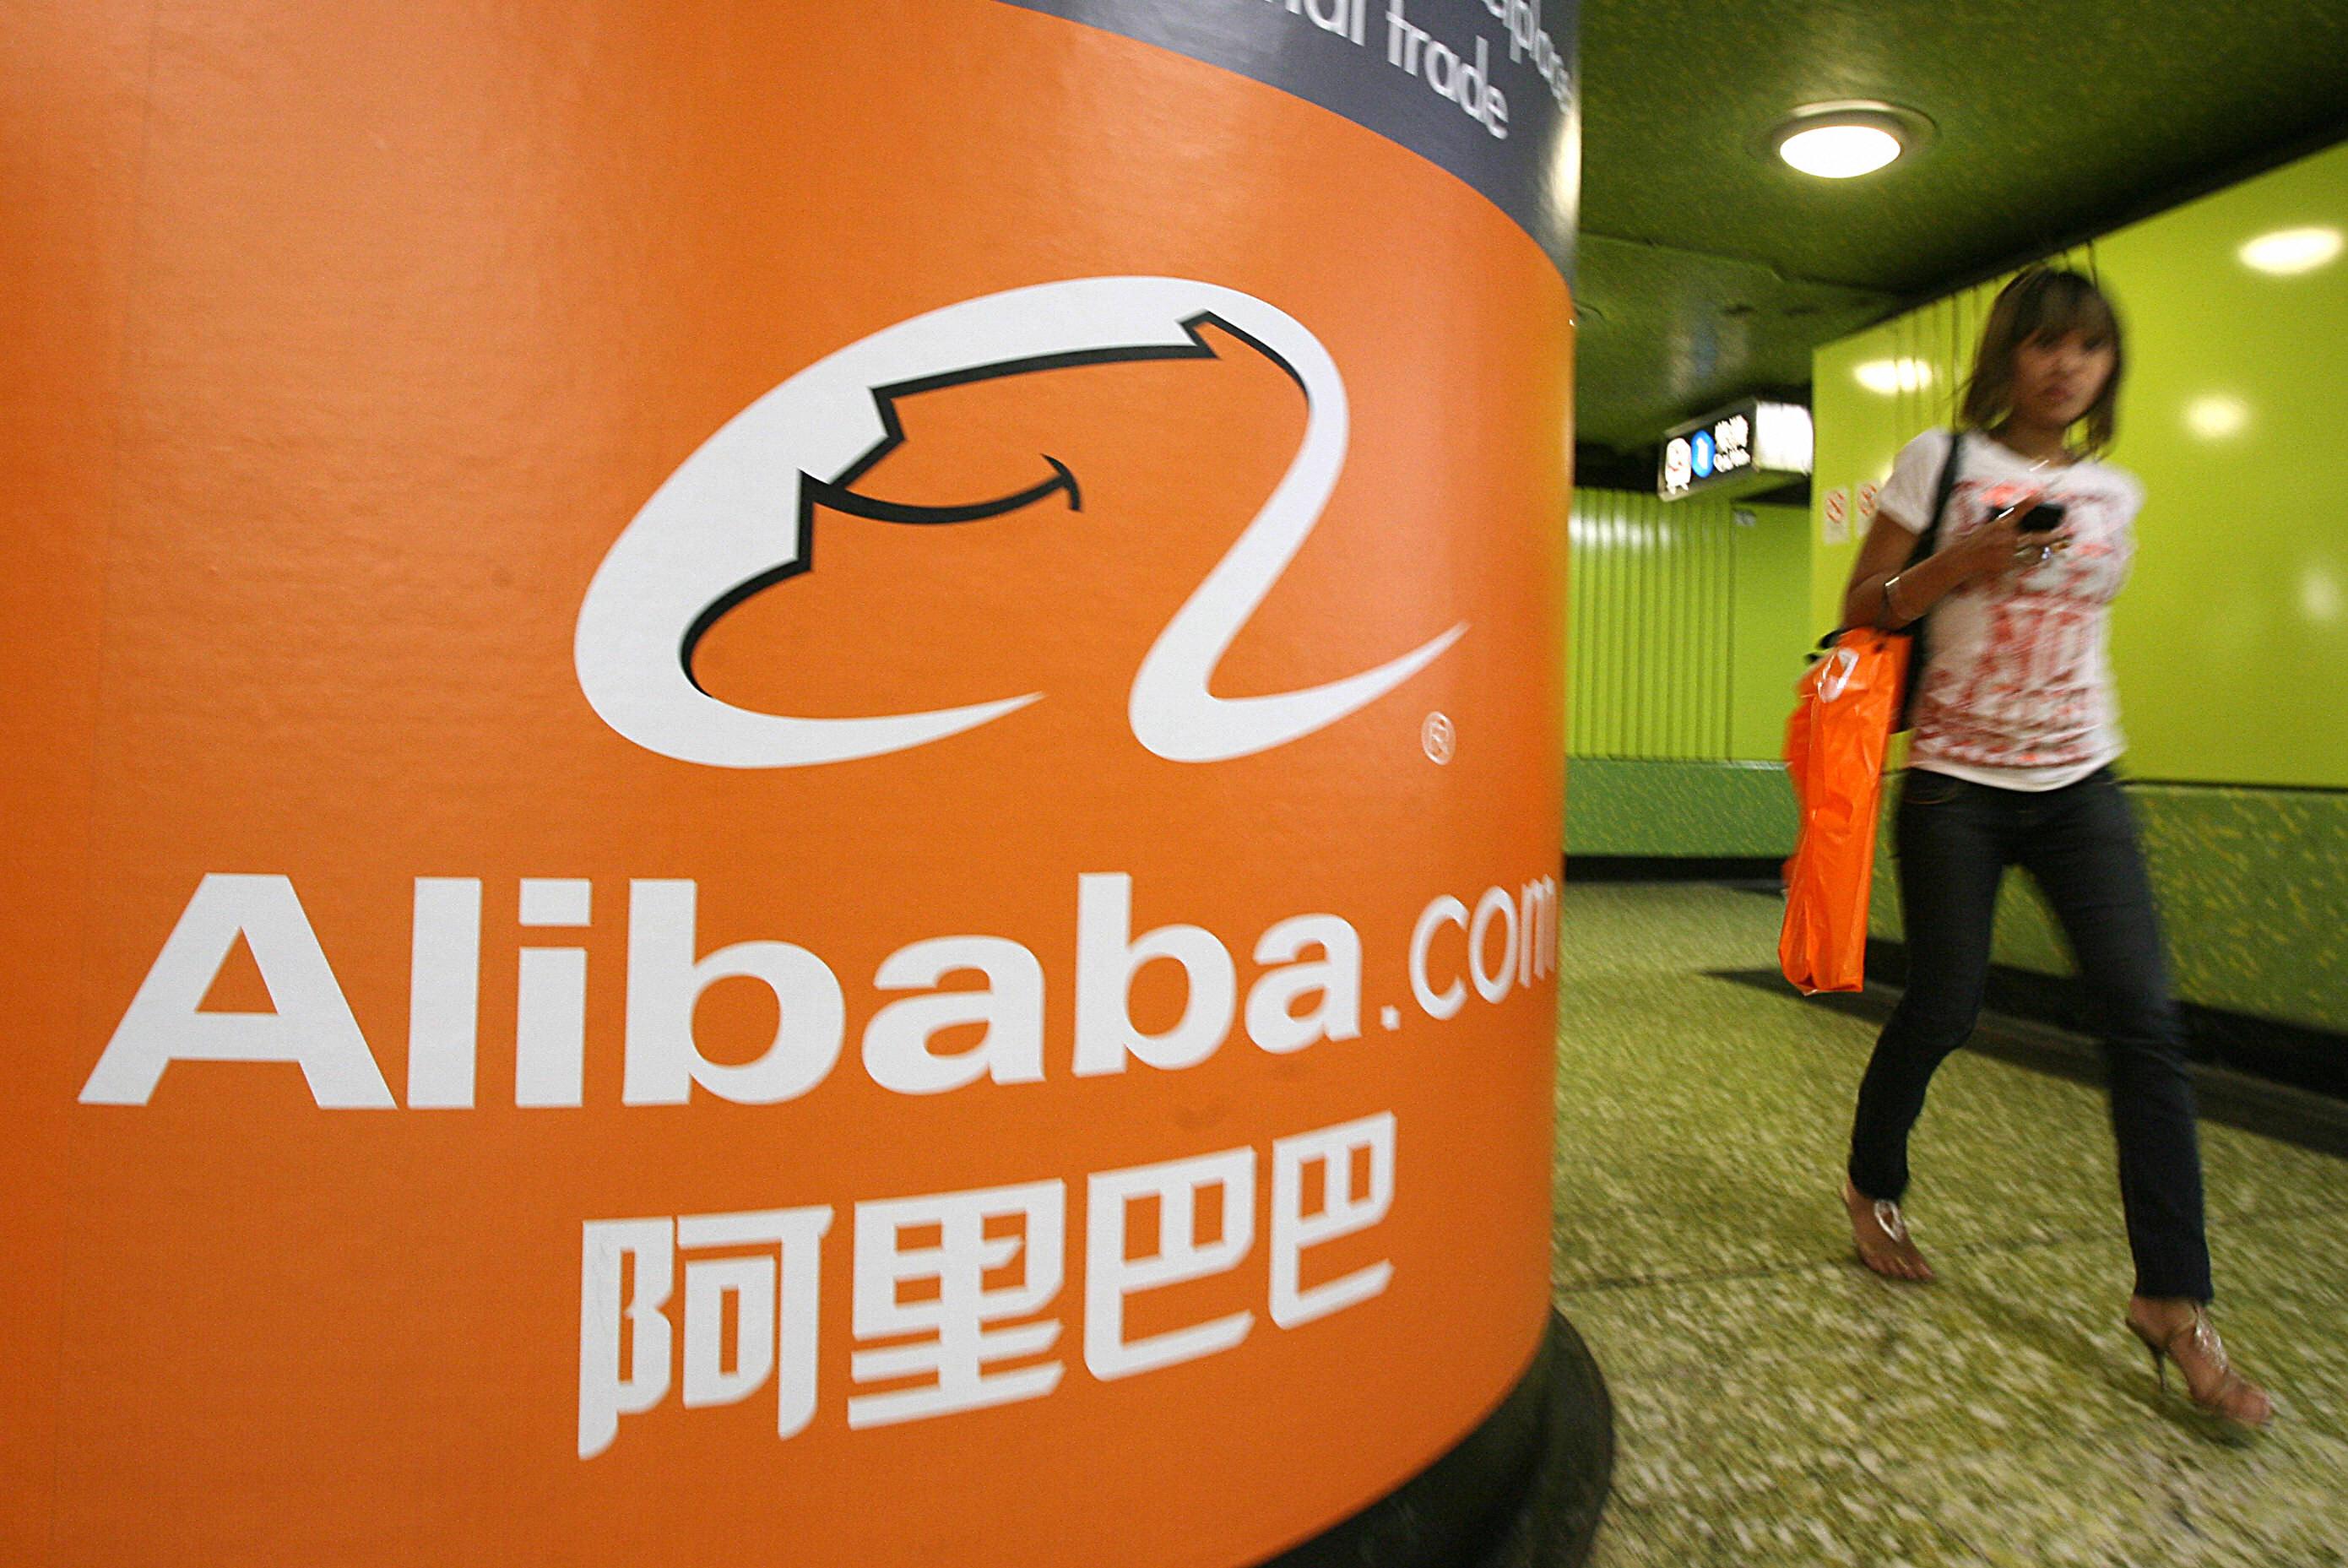 Spletna trgovina Alibaba preprosto nima konkurence!